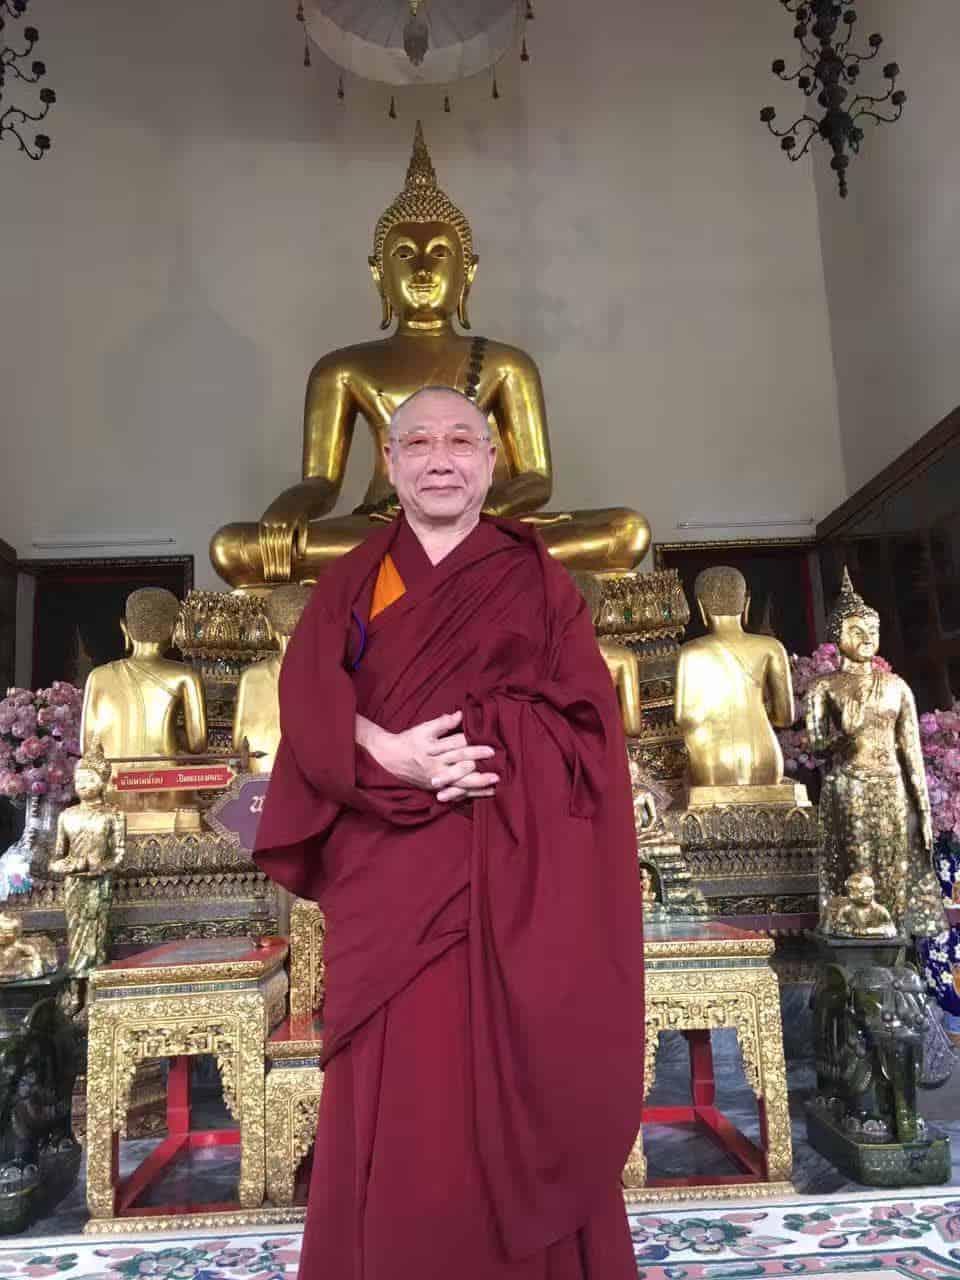 Gosok Rinpoche Thailand 2017 T019 2e40fcabc55c5441e0b61016af1288e